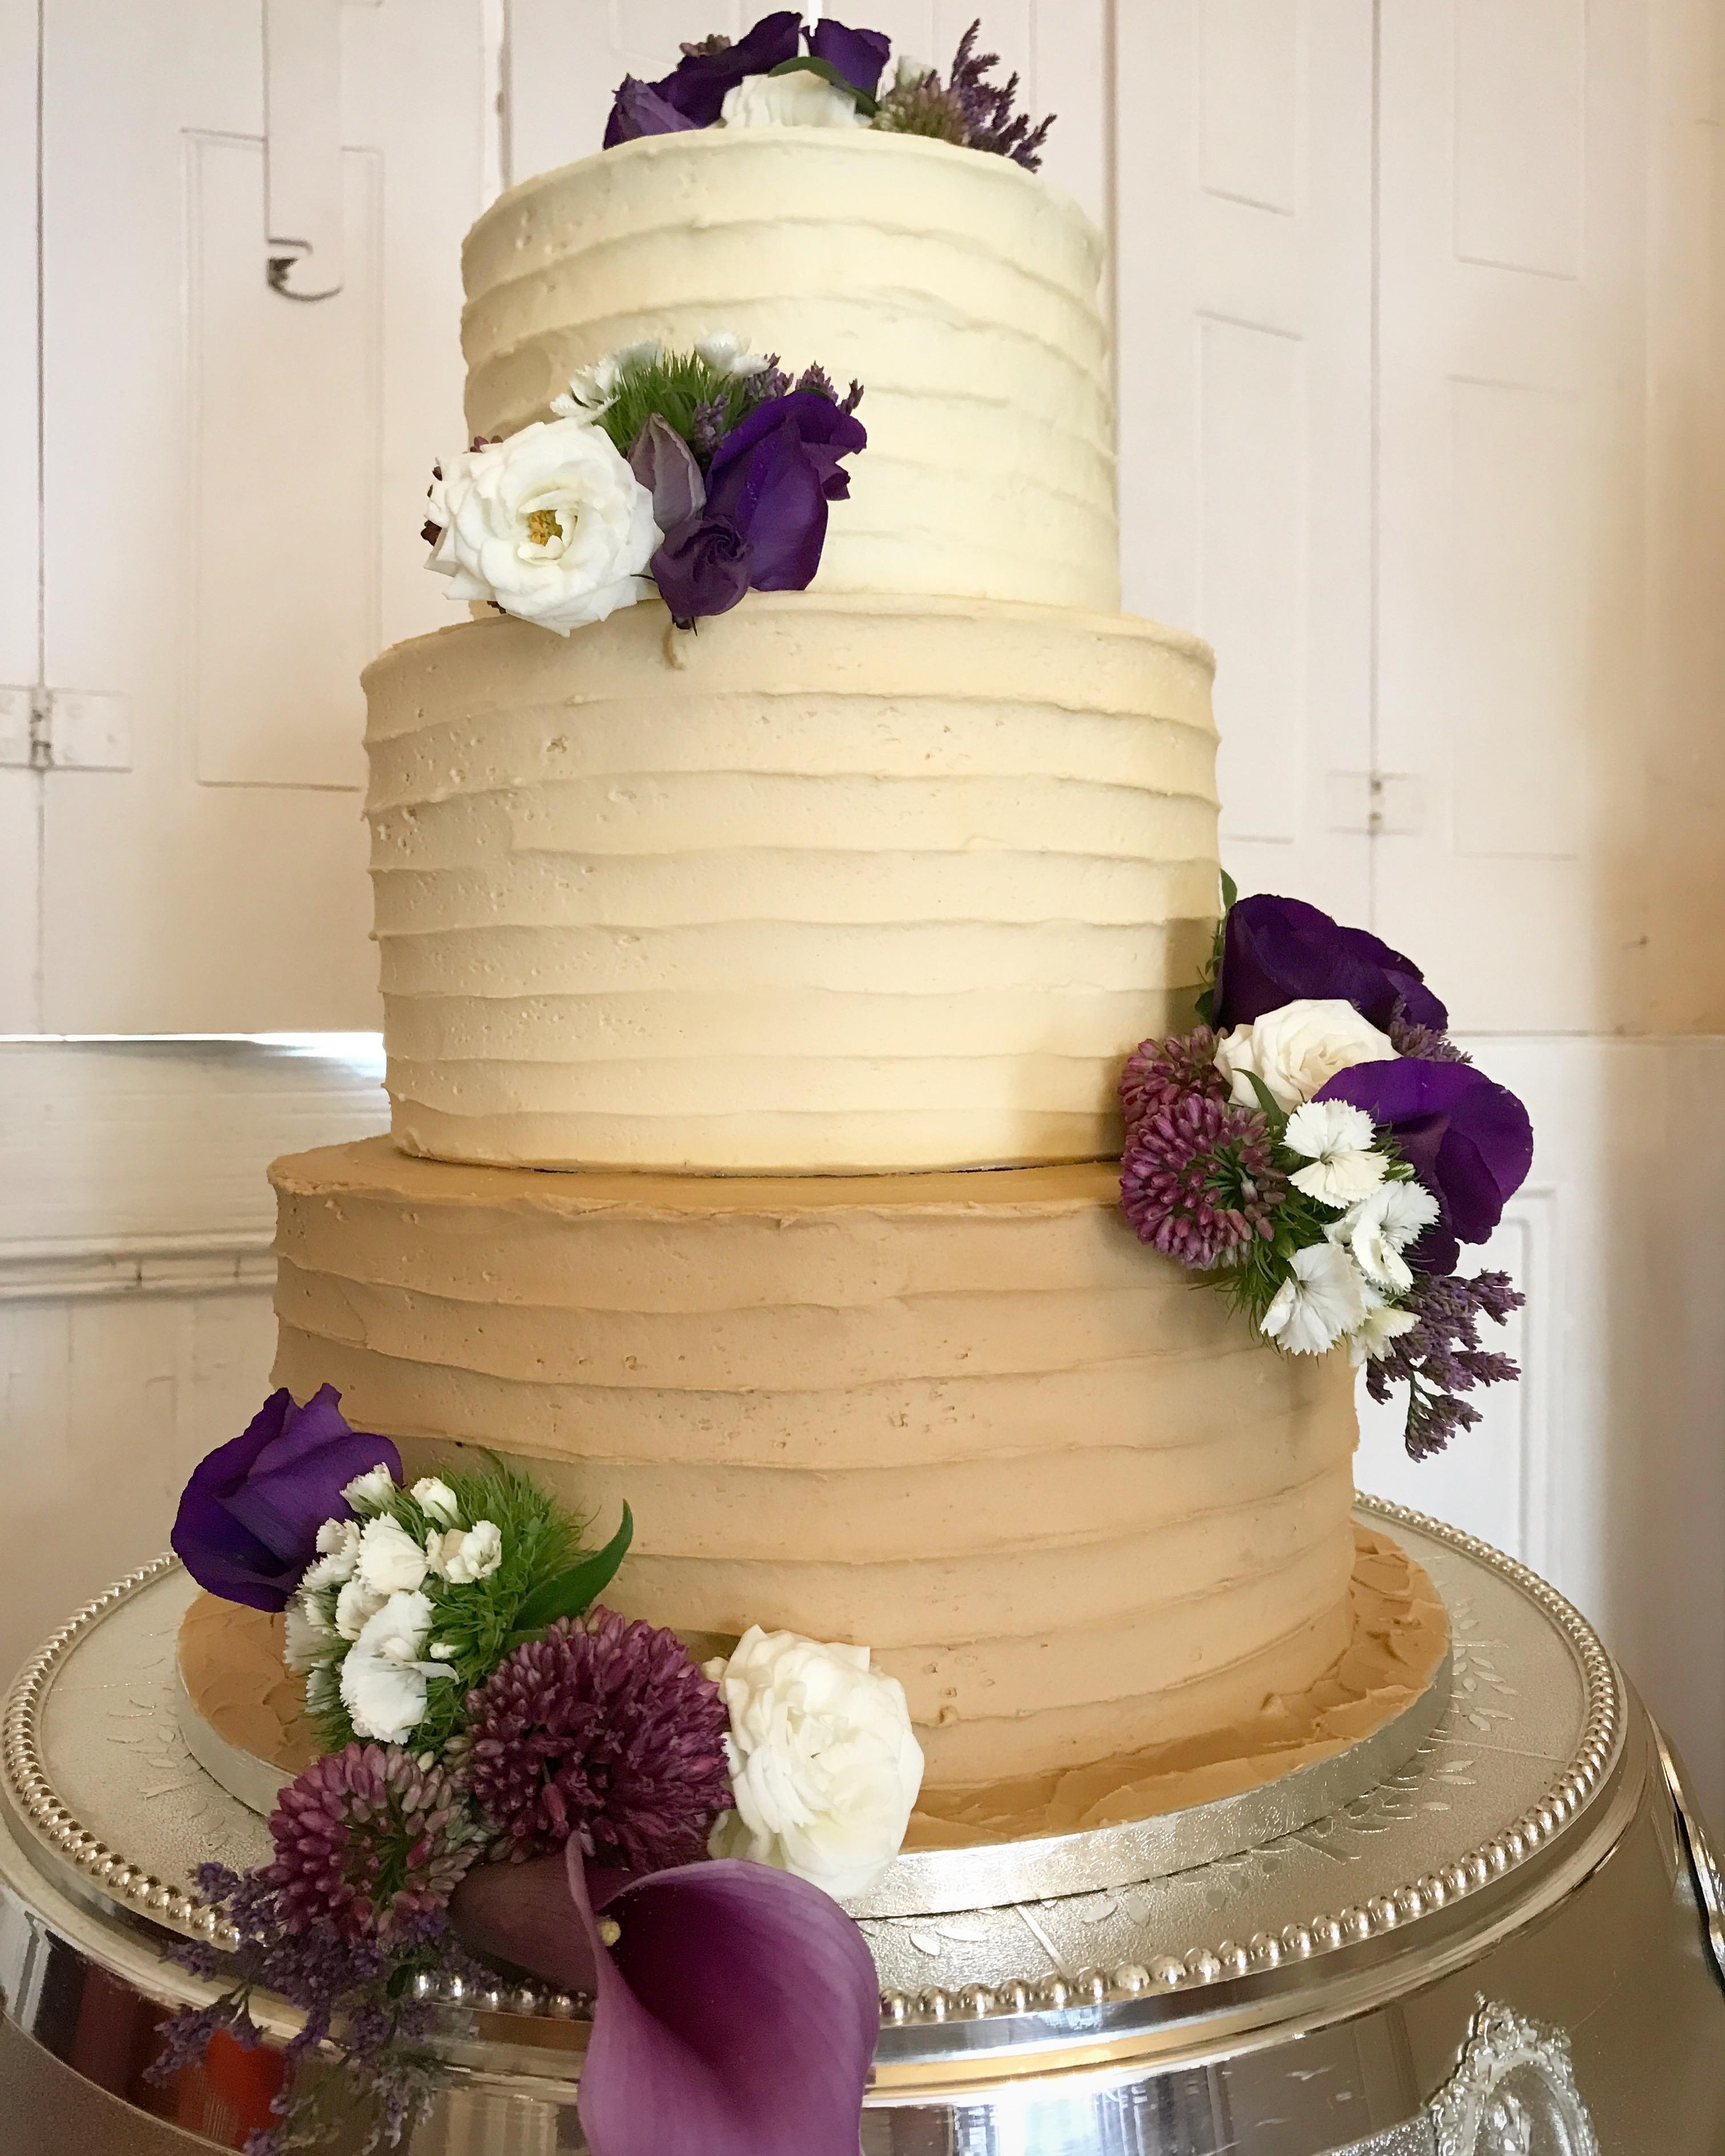 Ombre buttercream wedding cake